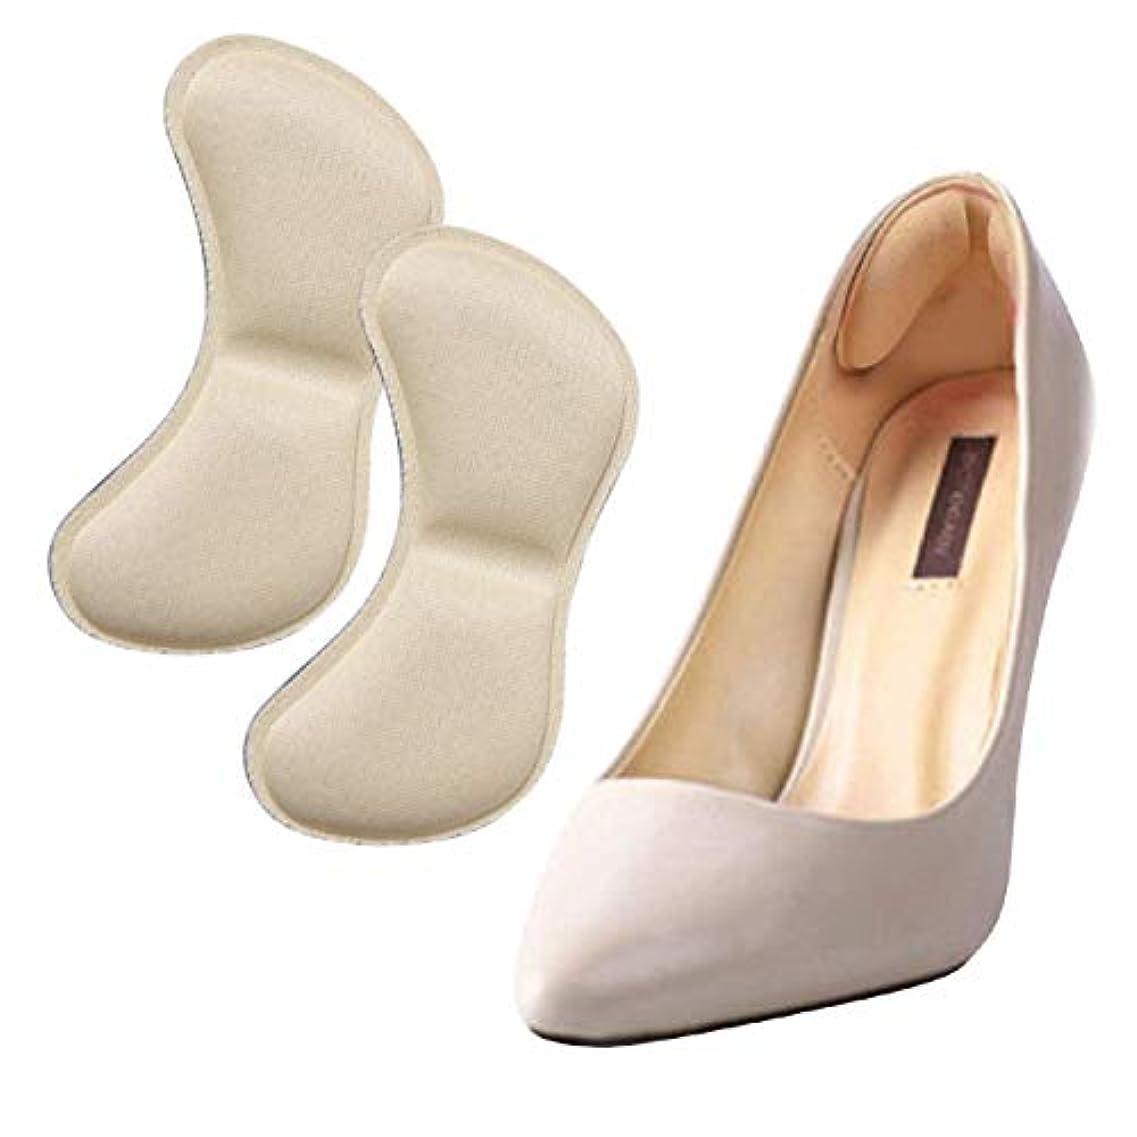 科学学校の先生鮮やかなsac taske かかとパッド レディース 靴ずれ 防止 パッド かかと 足用 ヒール 保護 10足 (ベージュ 10足セット)